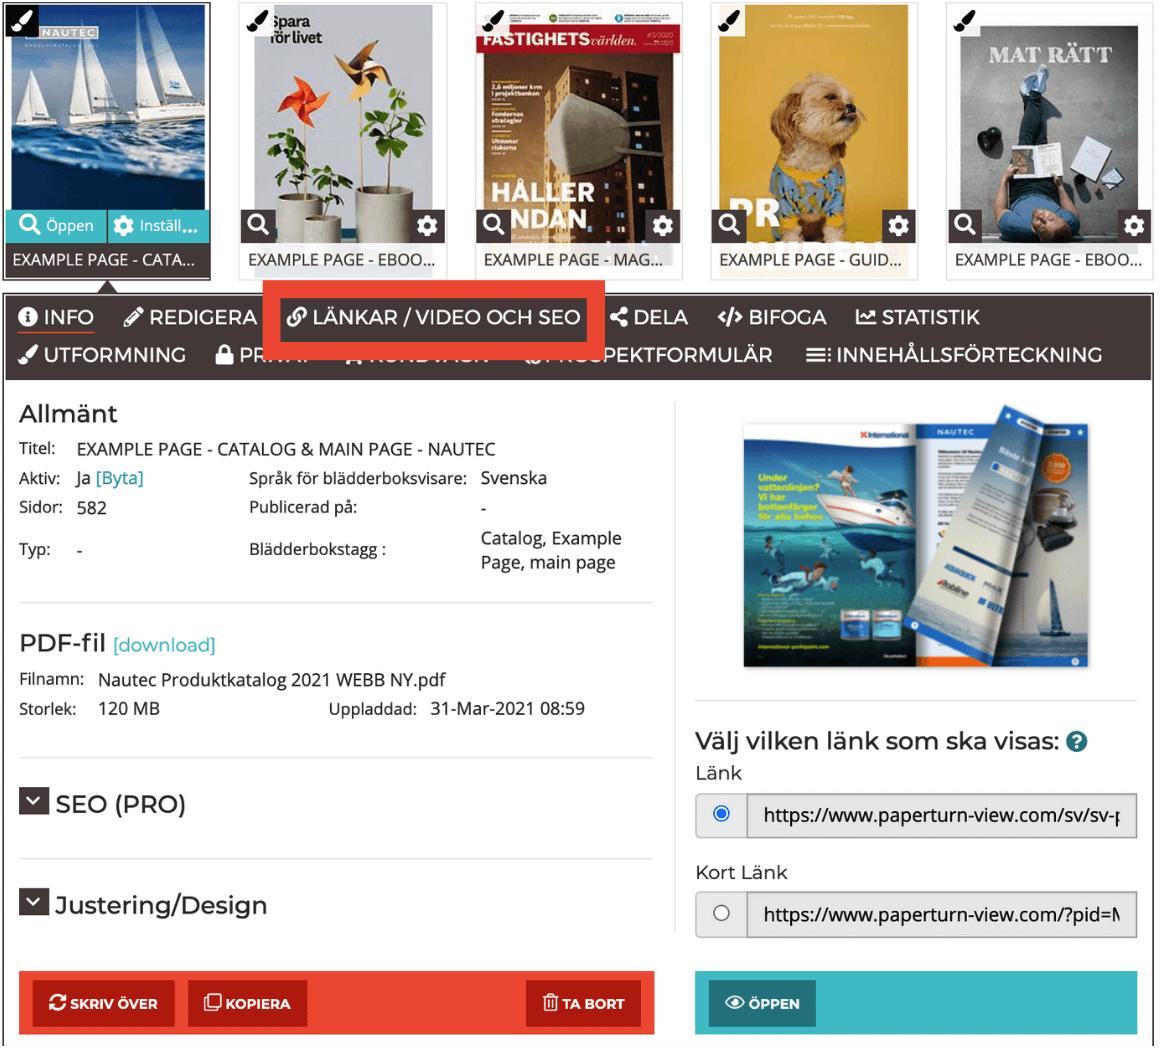 Bild av blädderbokens dashboard med länkar/video och menyalternativ för SEO.